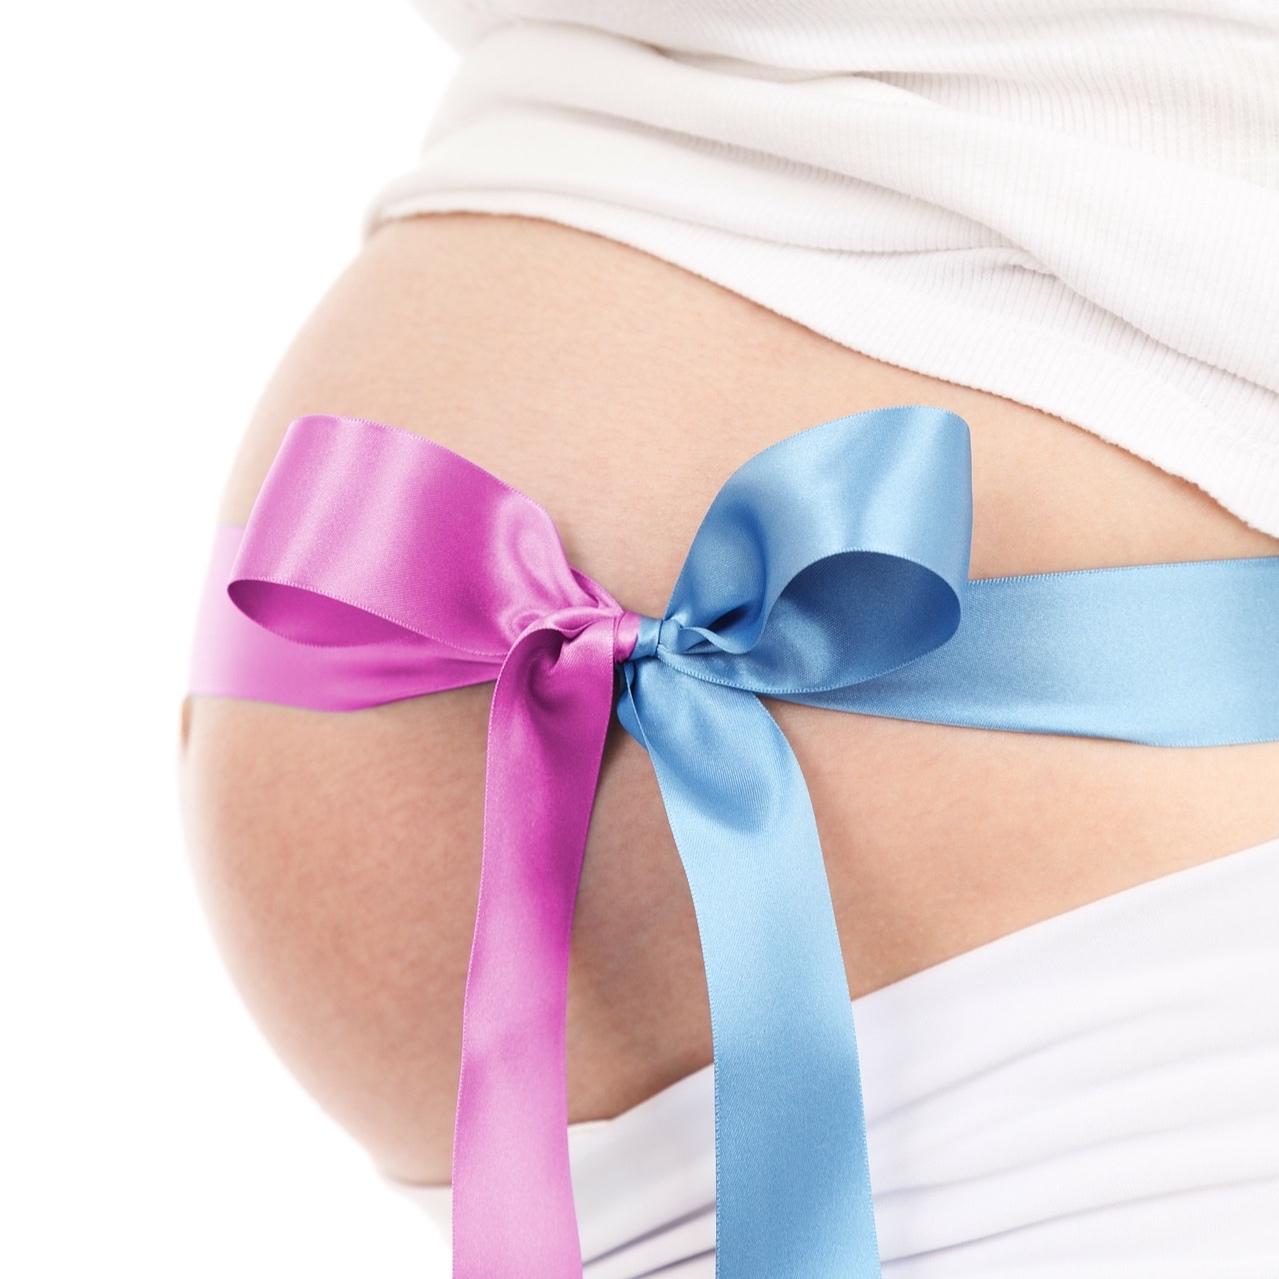 Post gravidanza - Eliminare il grasso addominale dopo una gravidanza richiede un po' più tempo.La presenza di un bambino all'interno del corpo femminile per tanti mesi ne modifica il metabolismo e la tendenza ad accumulare grasso sulla pancia sarà più forte. All'inizio la mamma deve godersi appieno questo momento importante per sé e per il neonato. A tempo debito si riprenderà con una dieta mirata e attività fisica per riconquistare in un tempo ragionevole la forma fisica pre-gravidanza.Il consiglio è continuare con l'utilizzo dell'Olio di Mandorle il cui utilizzo è già stato consigliato per tutto il periodo della gravidanza. A questo si consiglia di aggiungere anche una Crema Corpo Elasticizzante.